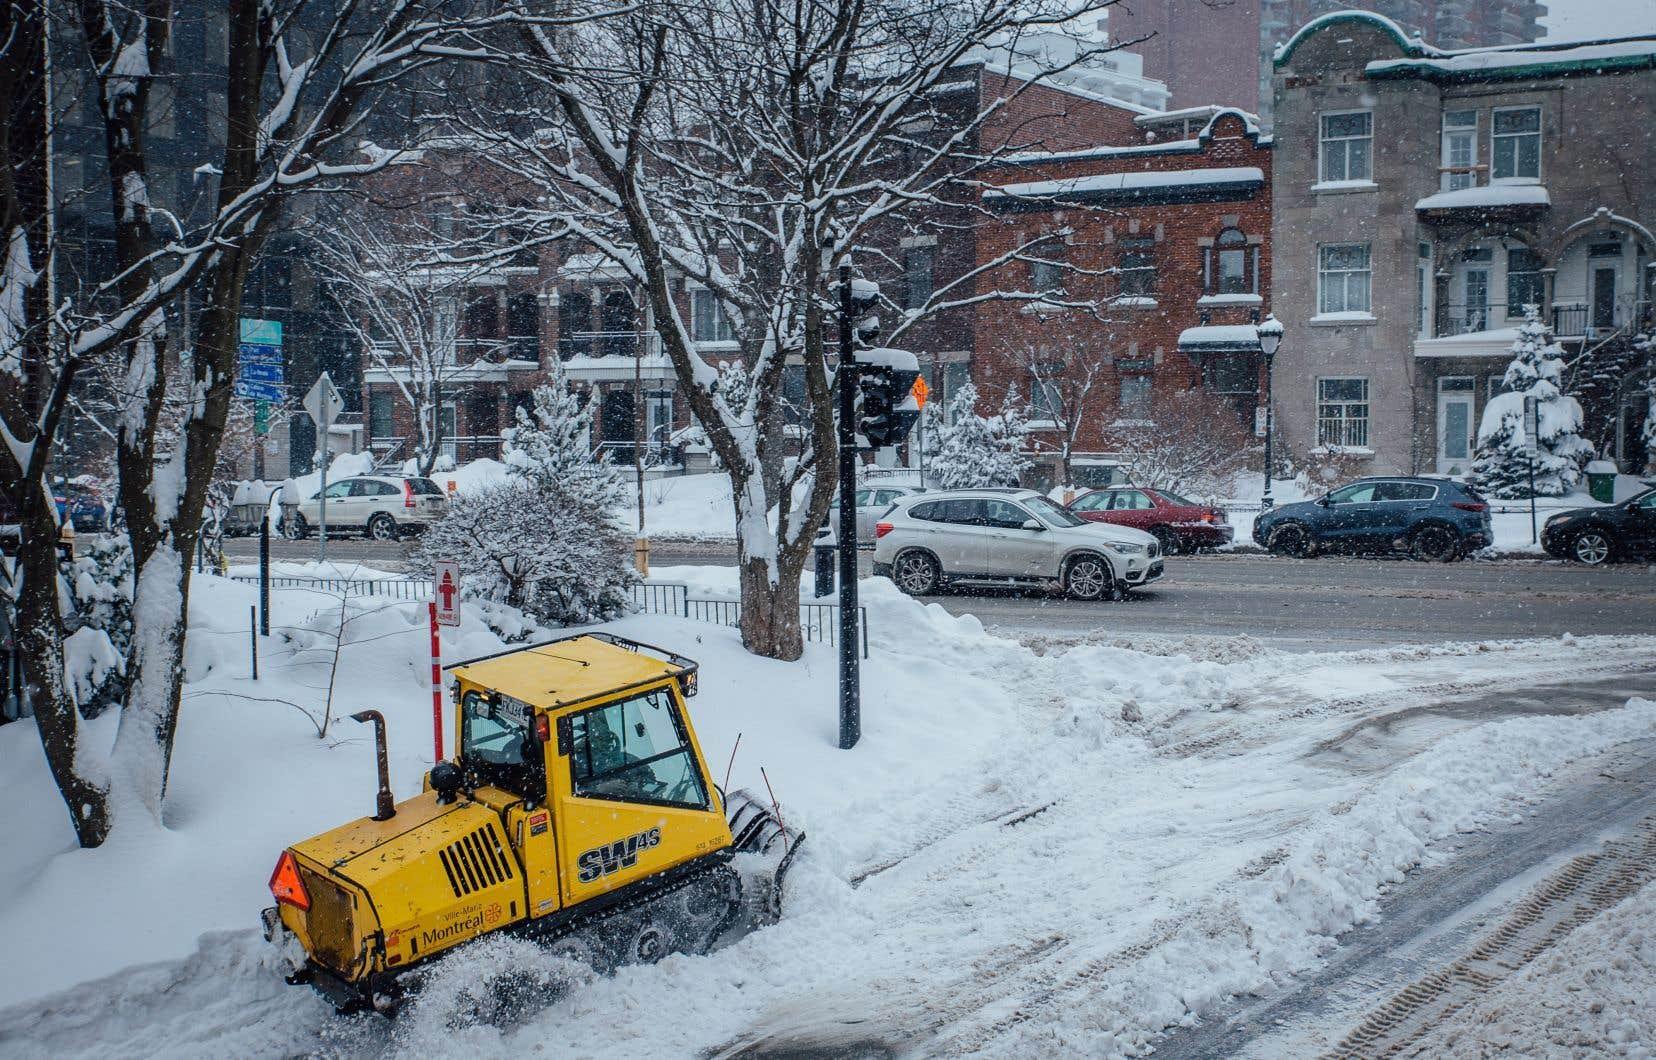 La Ville de Montréal demande aux automobilistes d'éviter de garer leur véhicule en angle et de respecter les interdictions de stationnement pour assurer le bon déroulement des opérations.